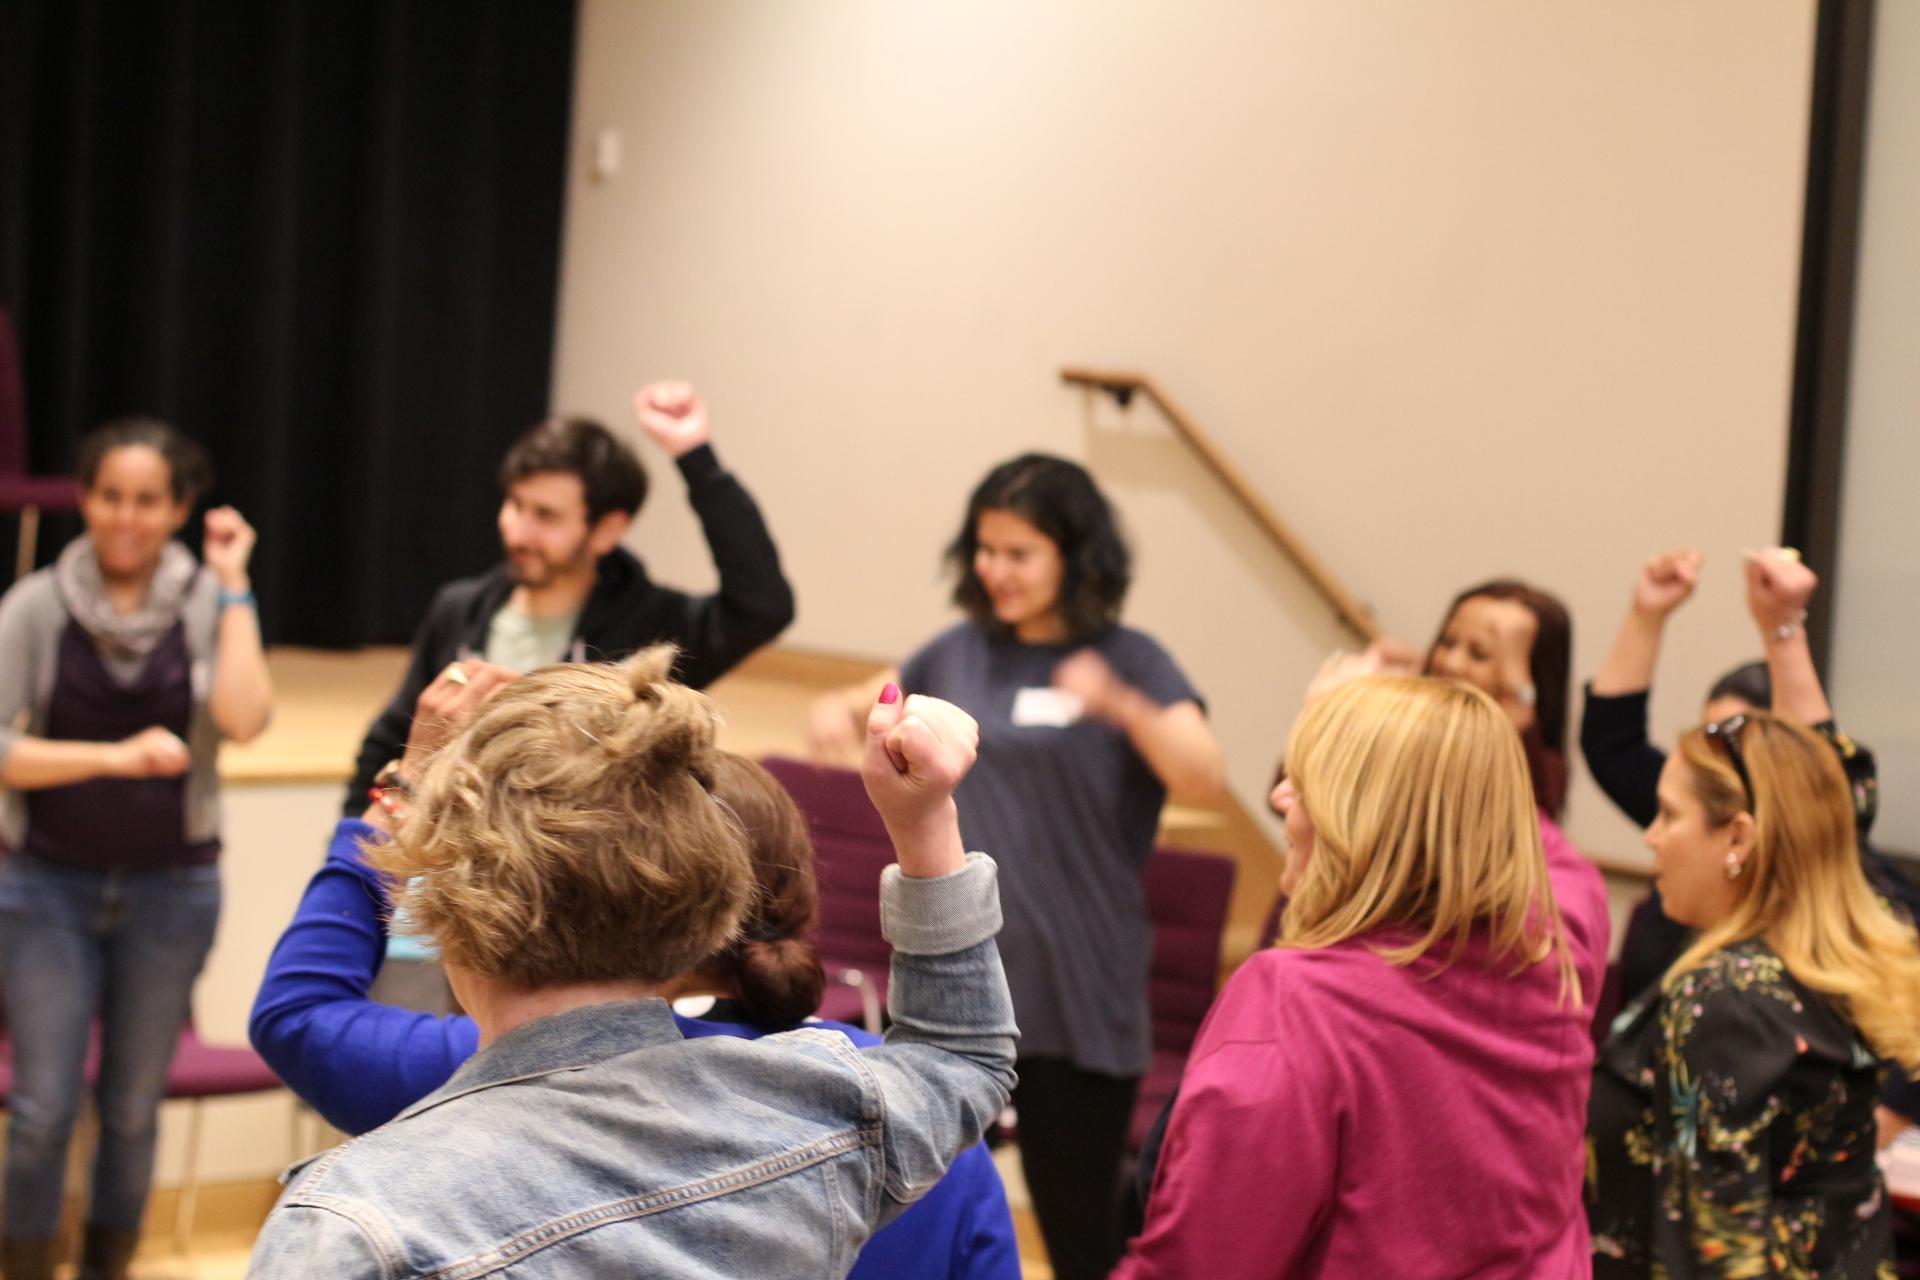 サークルに立つ教育者、拳を掲げ、2018教育社会活動会議のワークショップに参加しました。